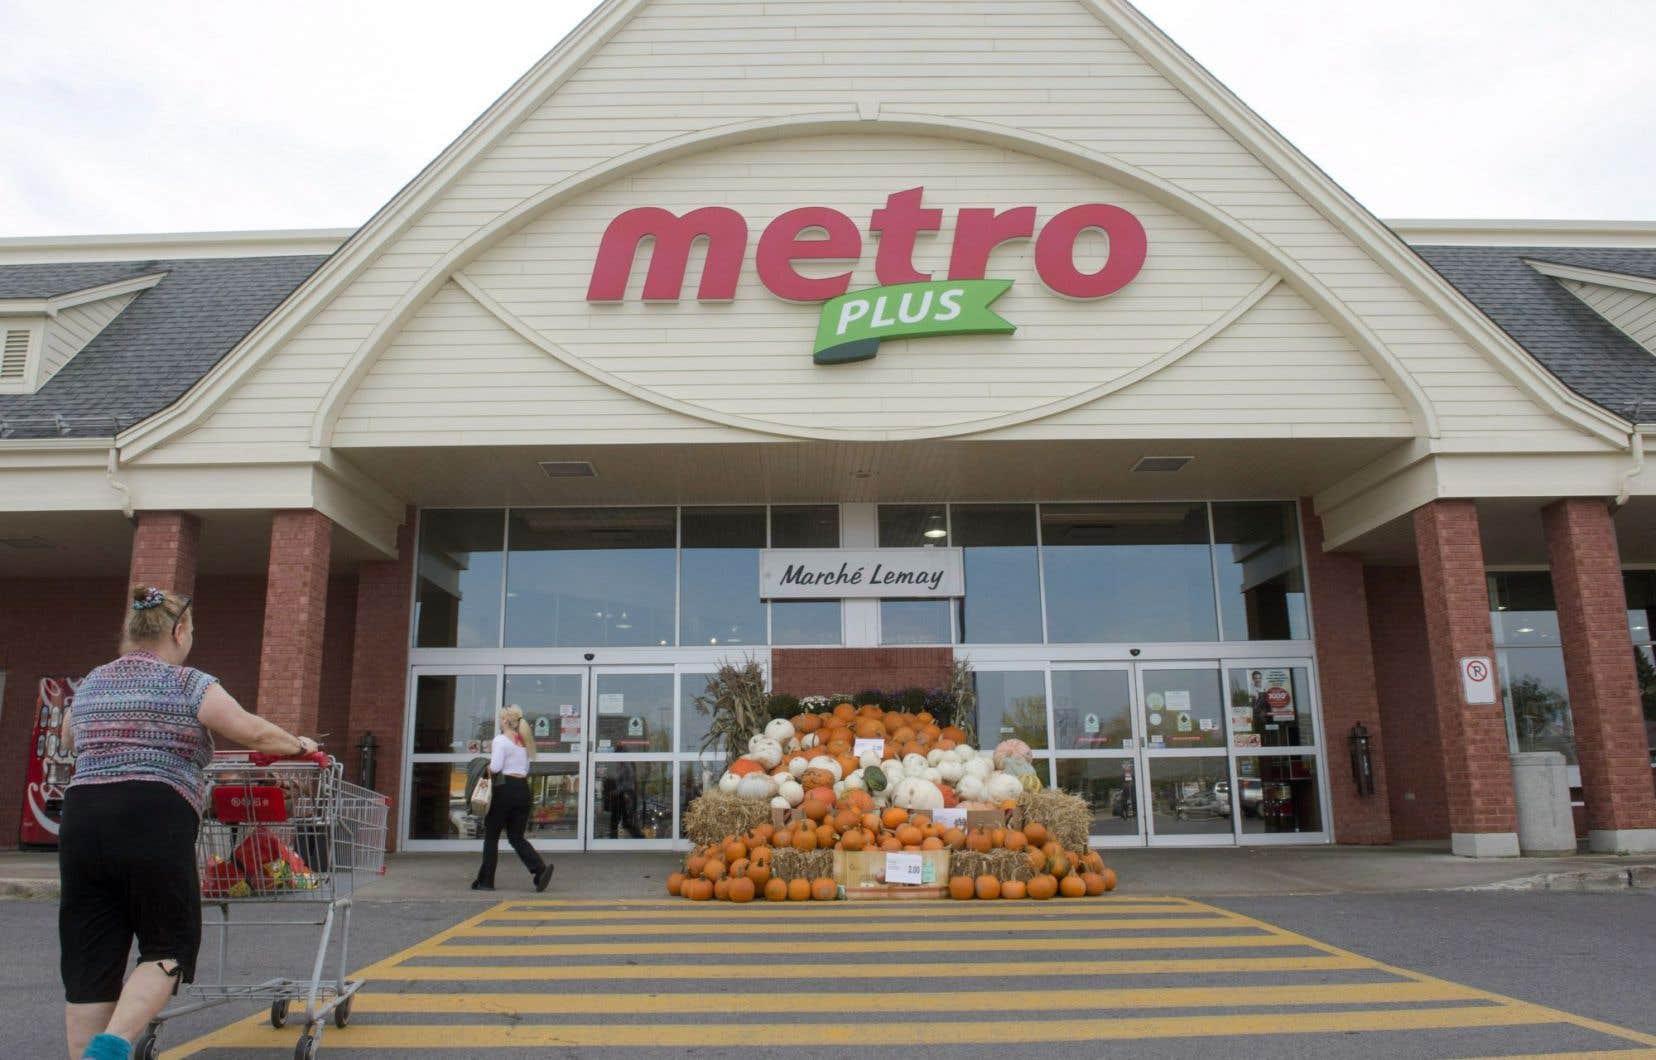 Metro et Jean Coutu ont confirmé mercredi discuter d'un éventuel regroupement de leurs activités.